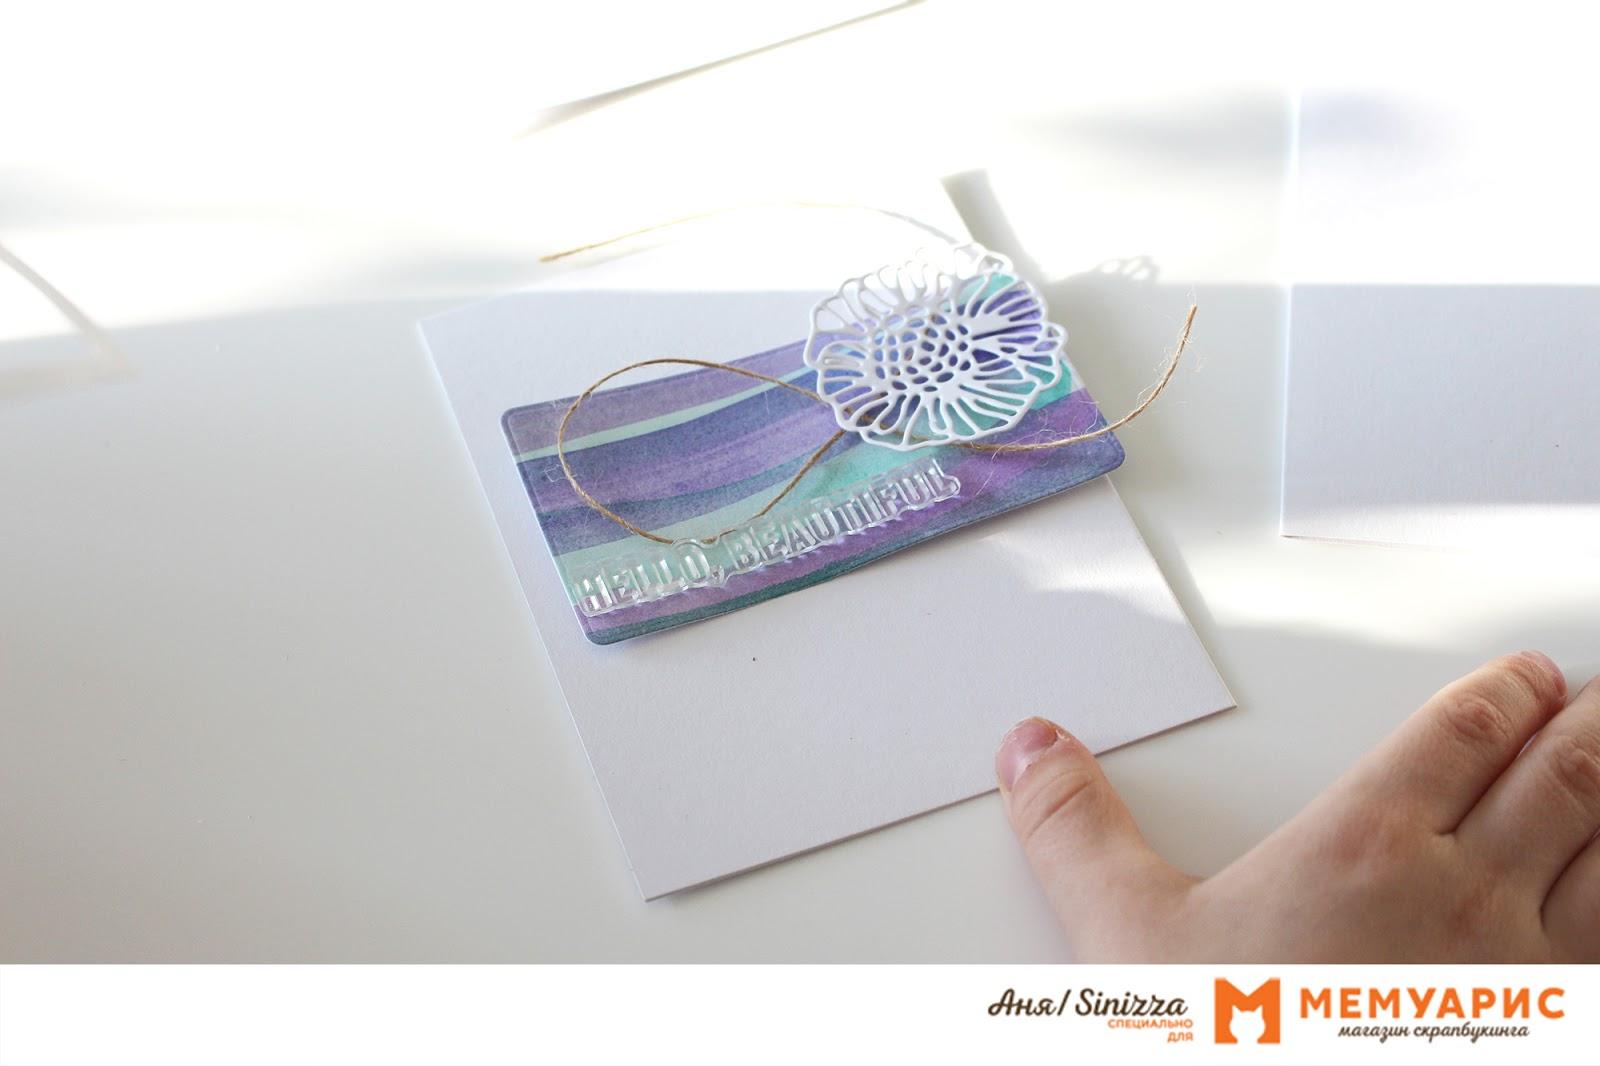 друзьями голографические открытки изготовление кирпичики имеет